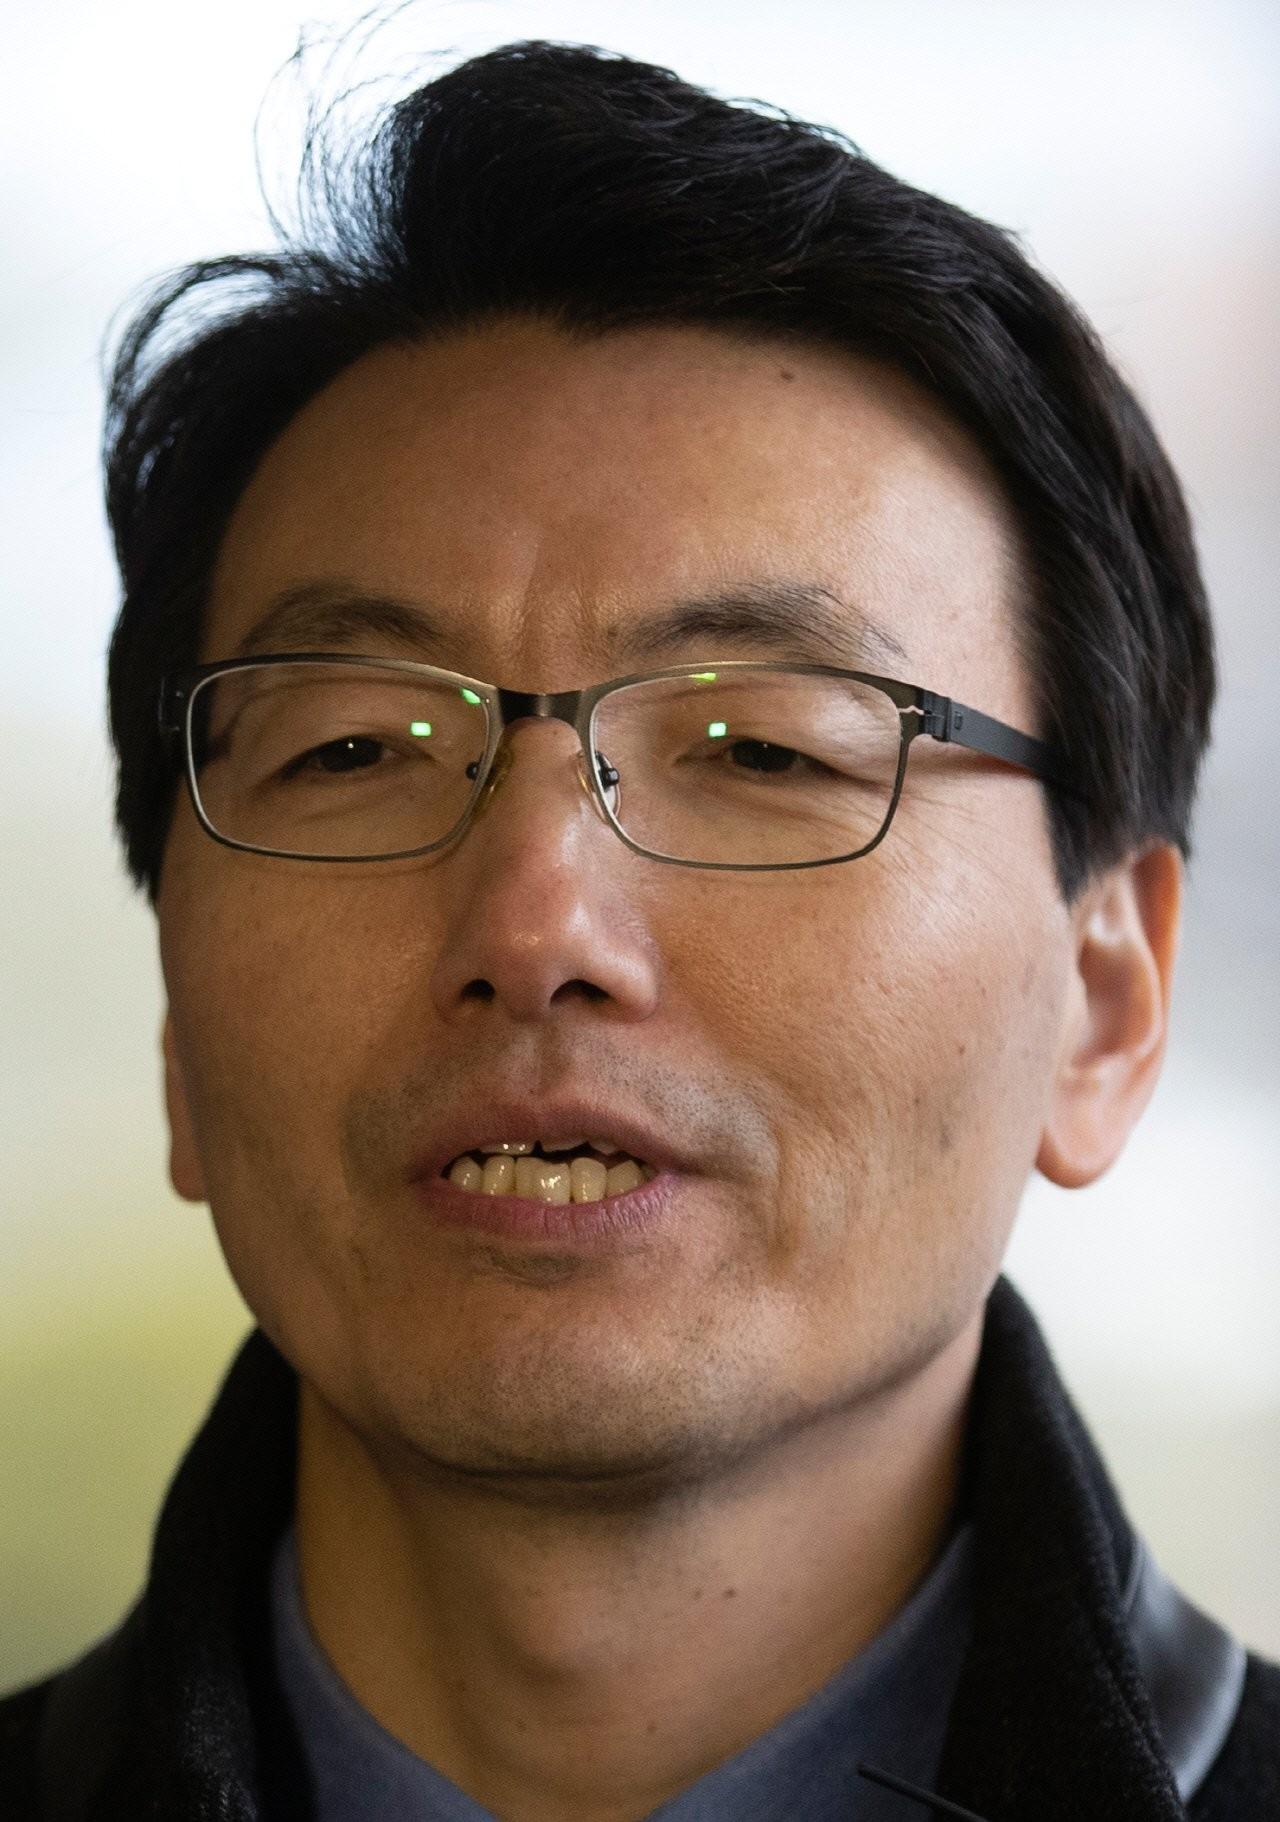 양승태 때 법원행정처, 서기호 재임용 탈락에도 개입